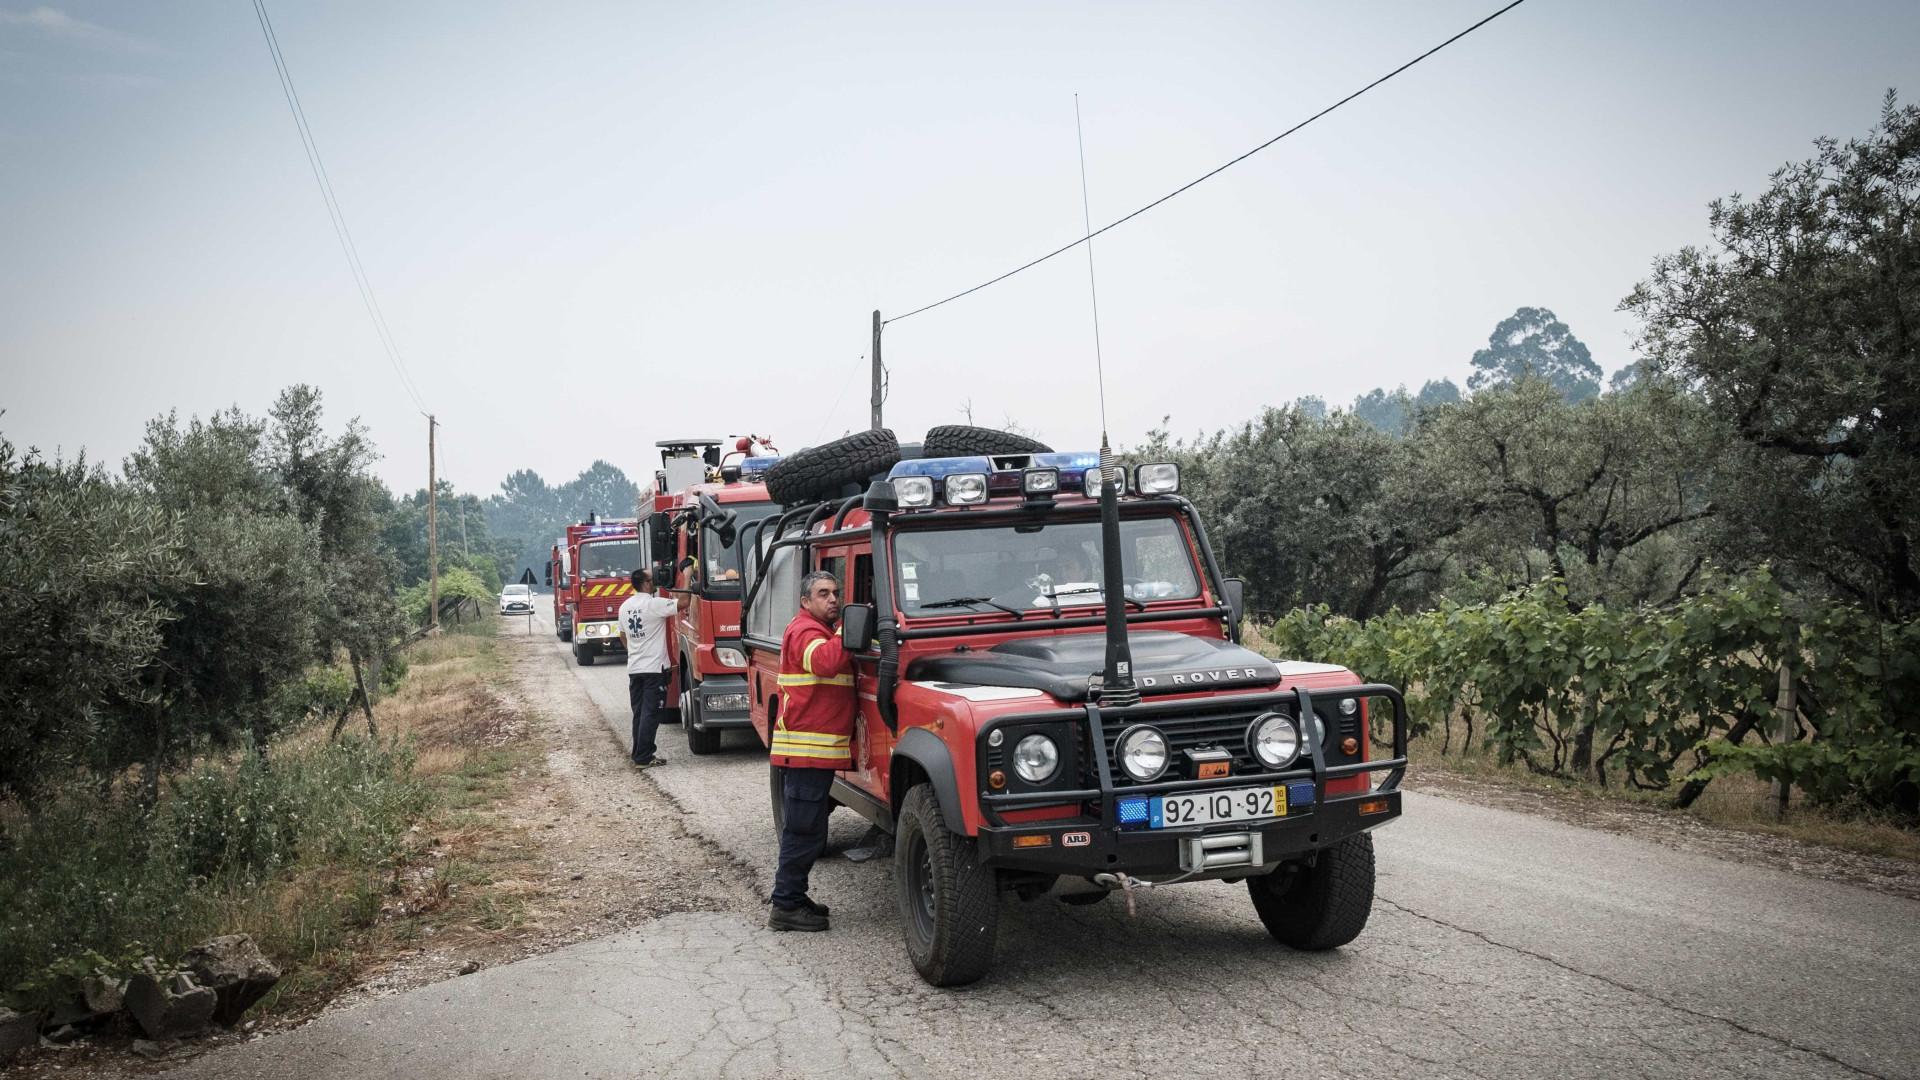 Incêndio pode ser extinto até ao final da manhã. Há 157 feridos